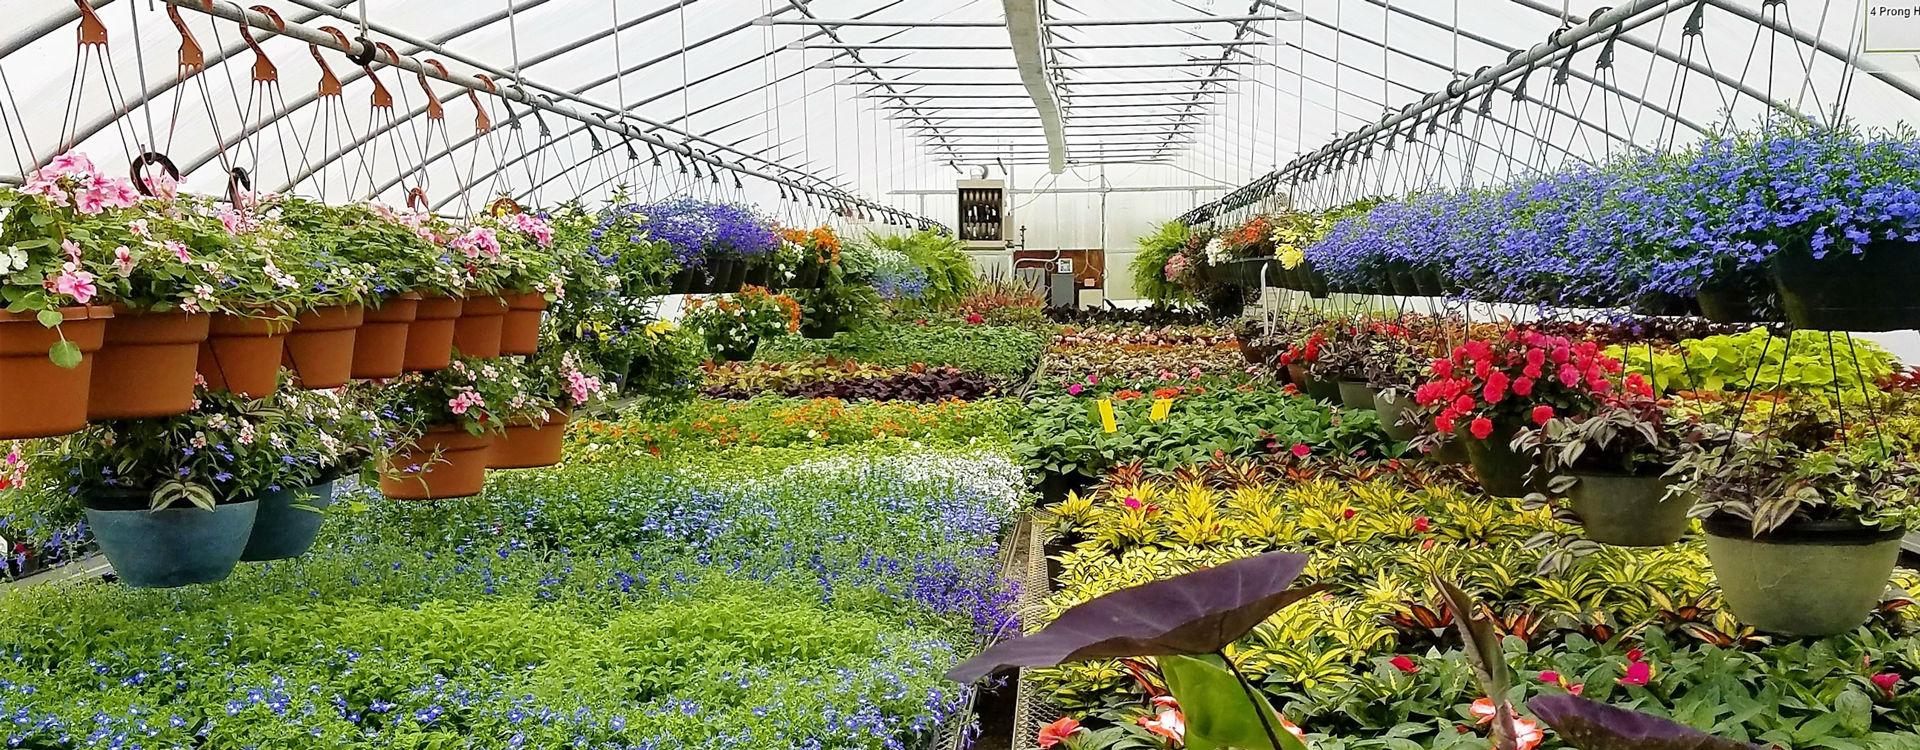 Unique House Plants